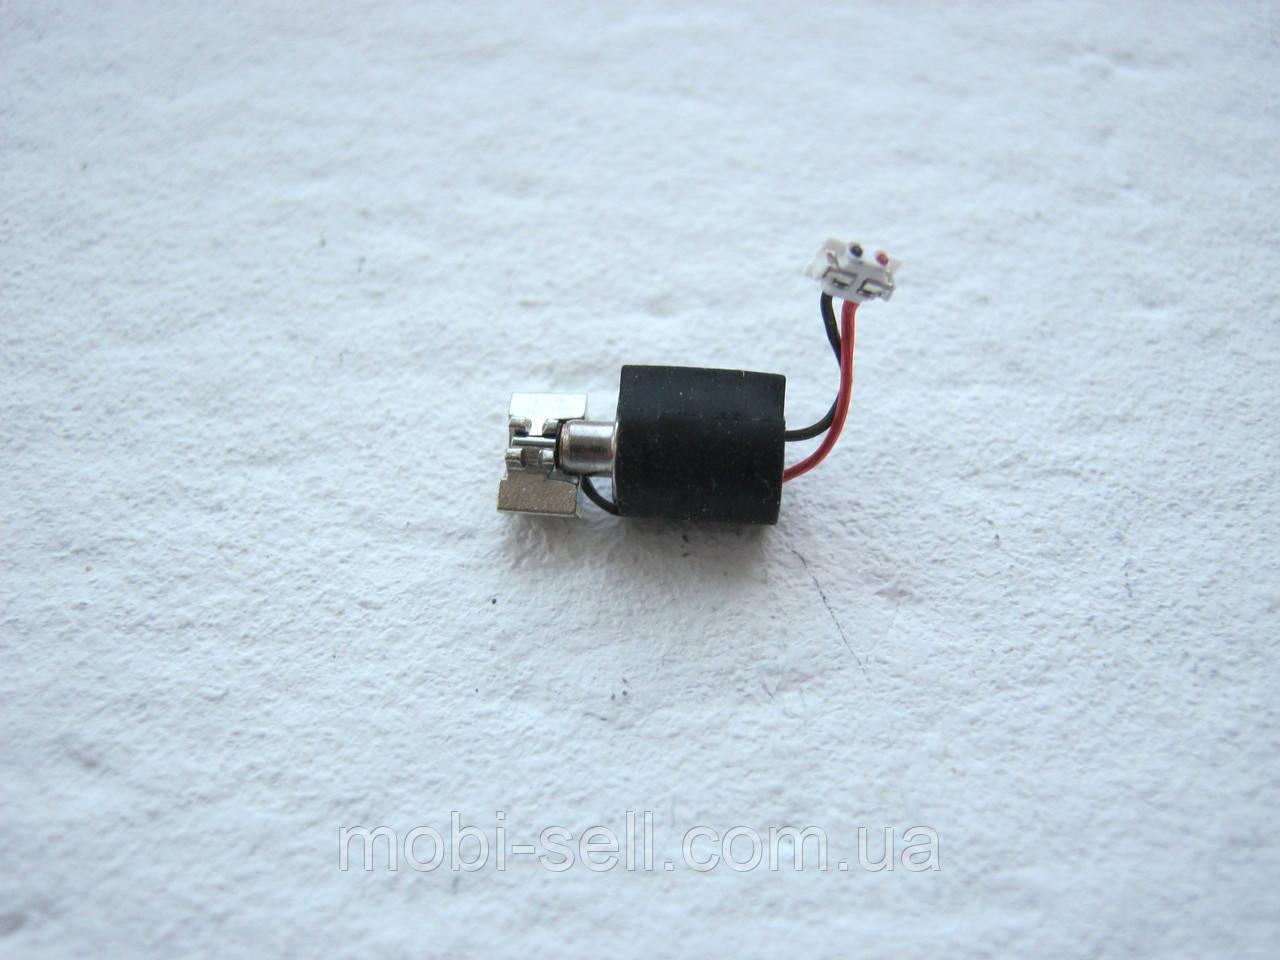 Вибромотор (вибро) для Sony LT26w, 100% оригинал (Б/У)